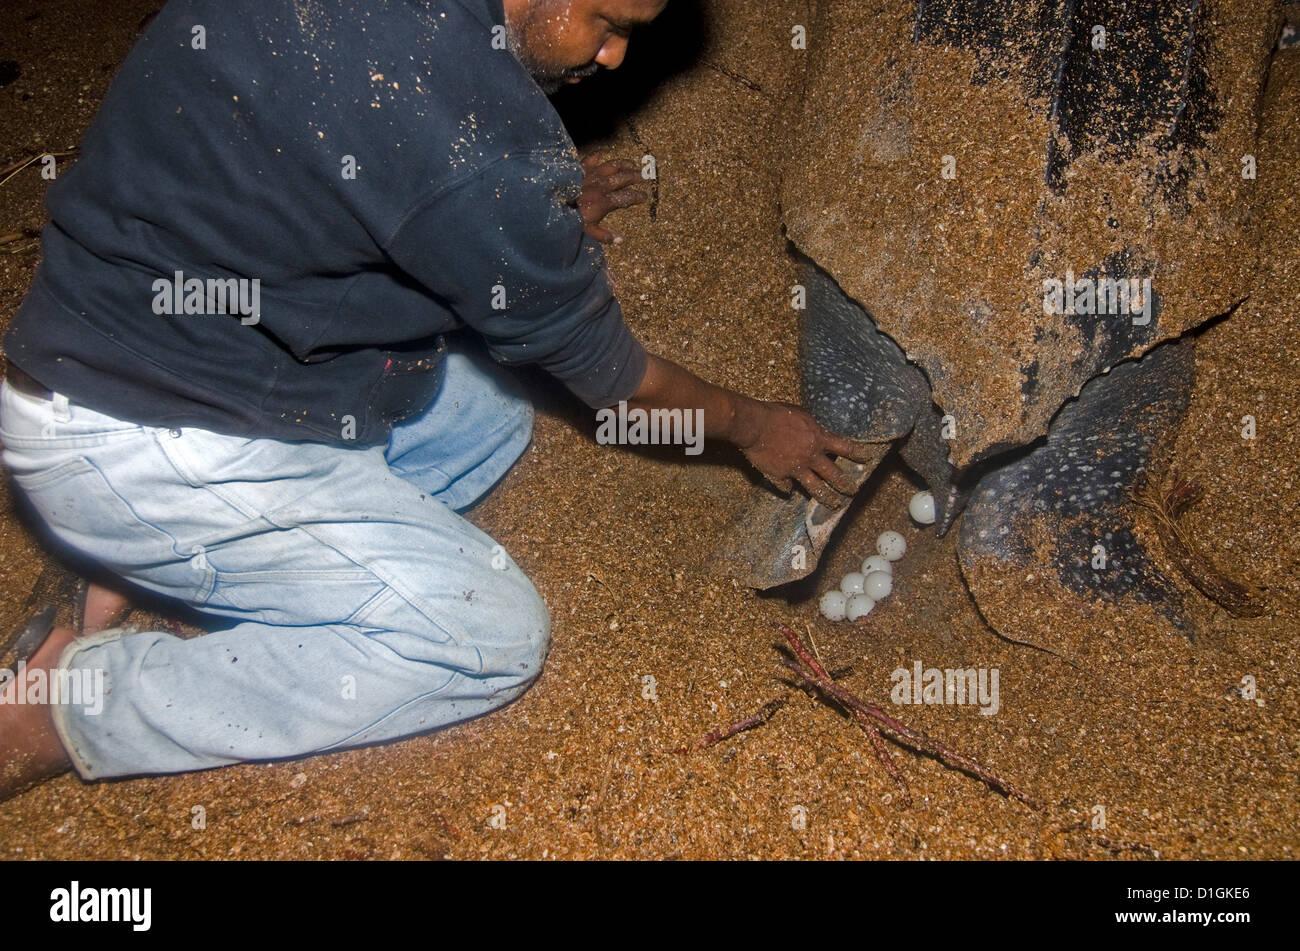 Lederschildkröte (Dermochelys Coriacea), die Eier unter den wachsamen Augen eines Arbeitnehmers, Erhaltung, Stockbild